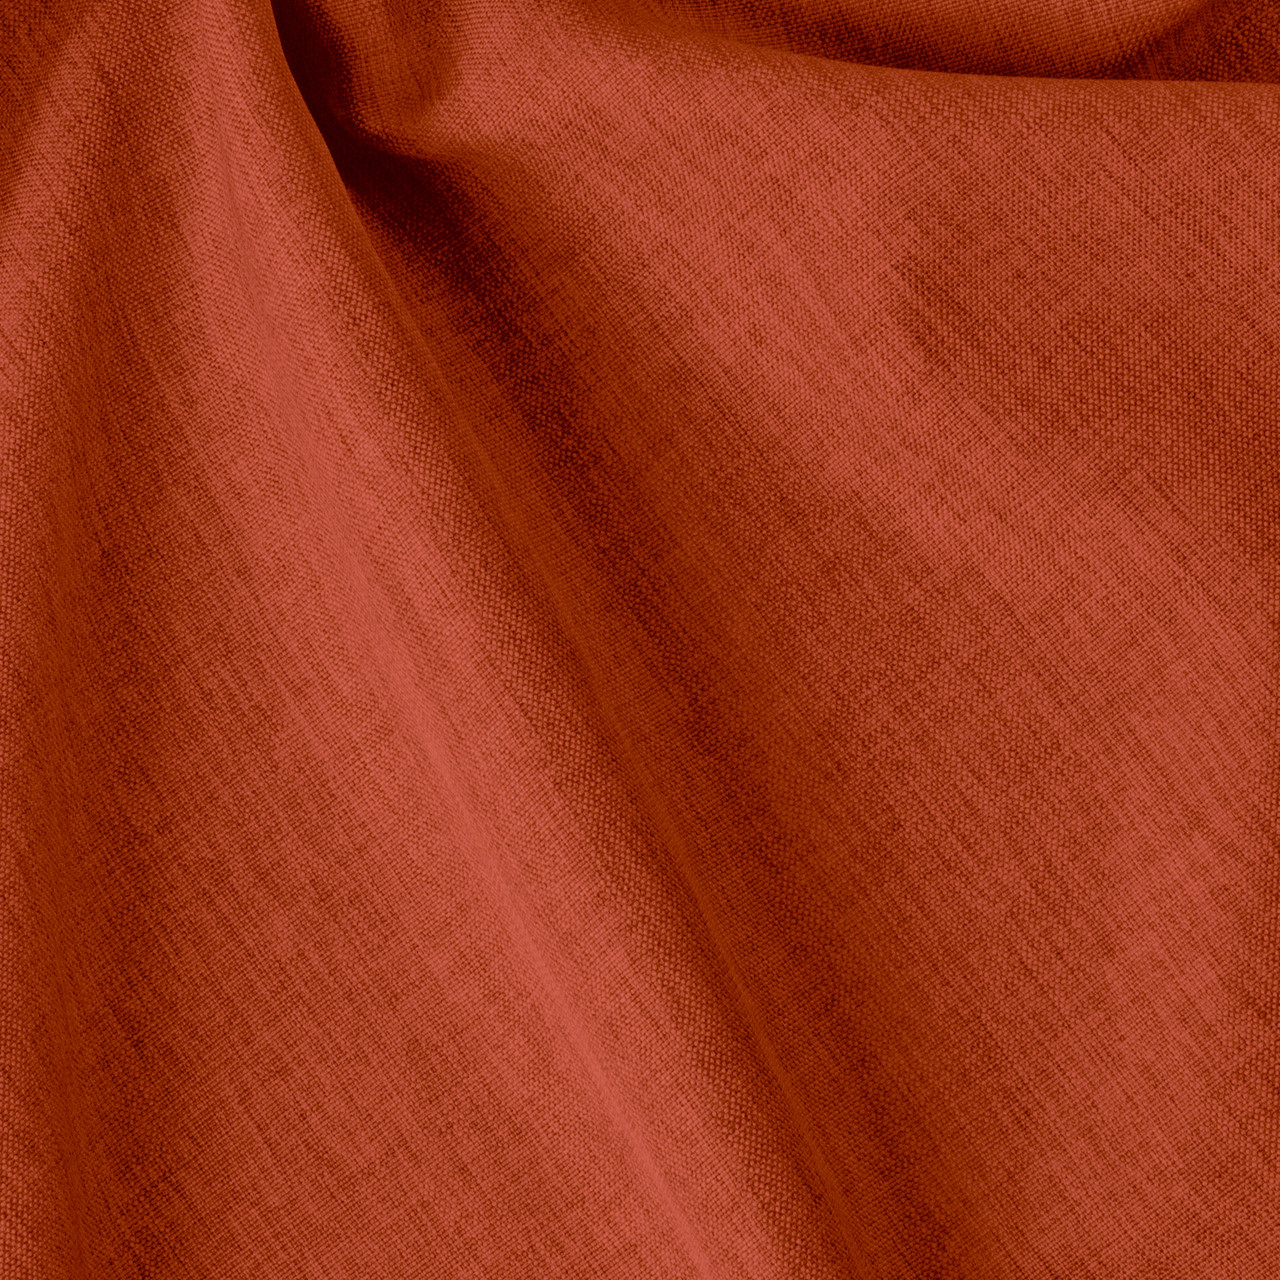 Декоративна однотонна тканина оранжевого кольору Туреччина 84454v11